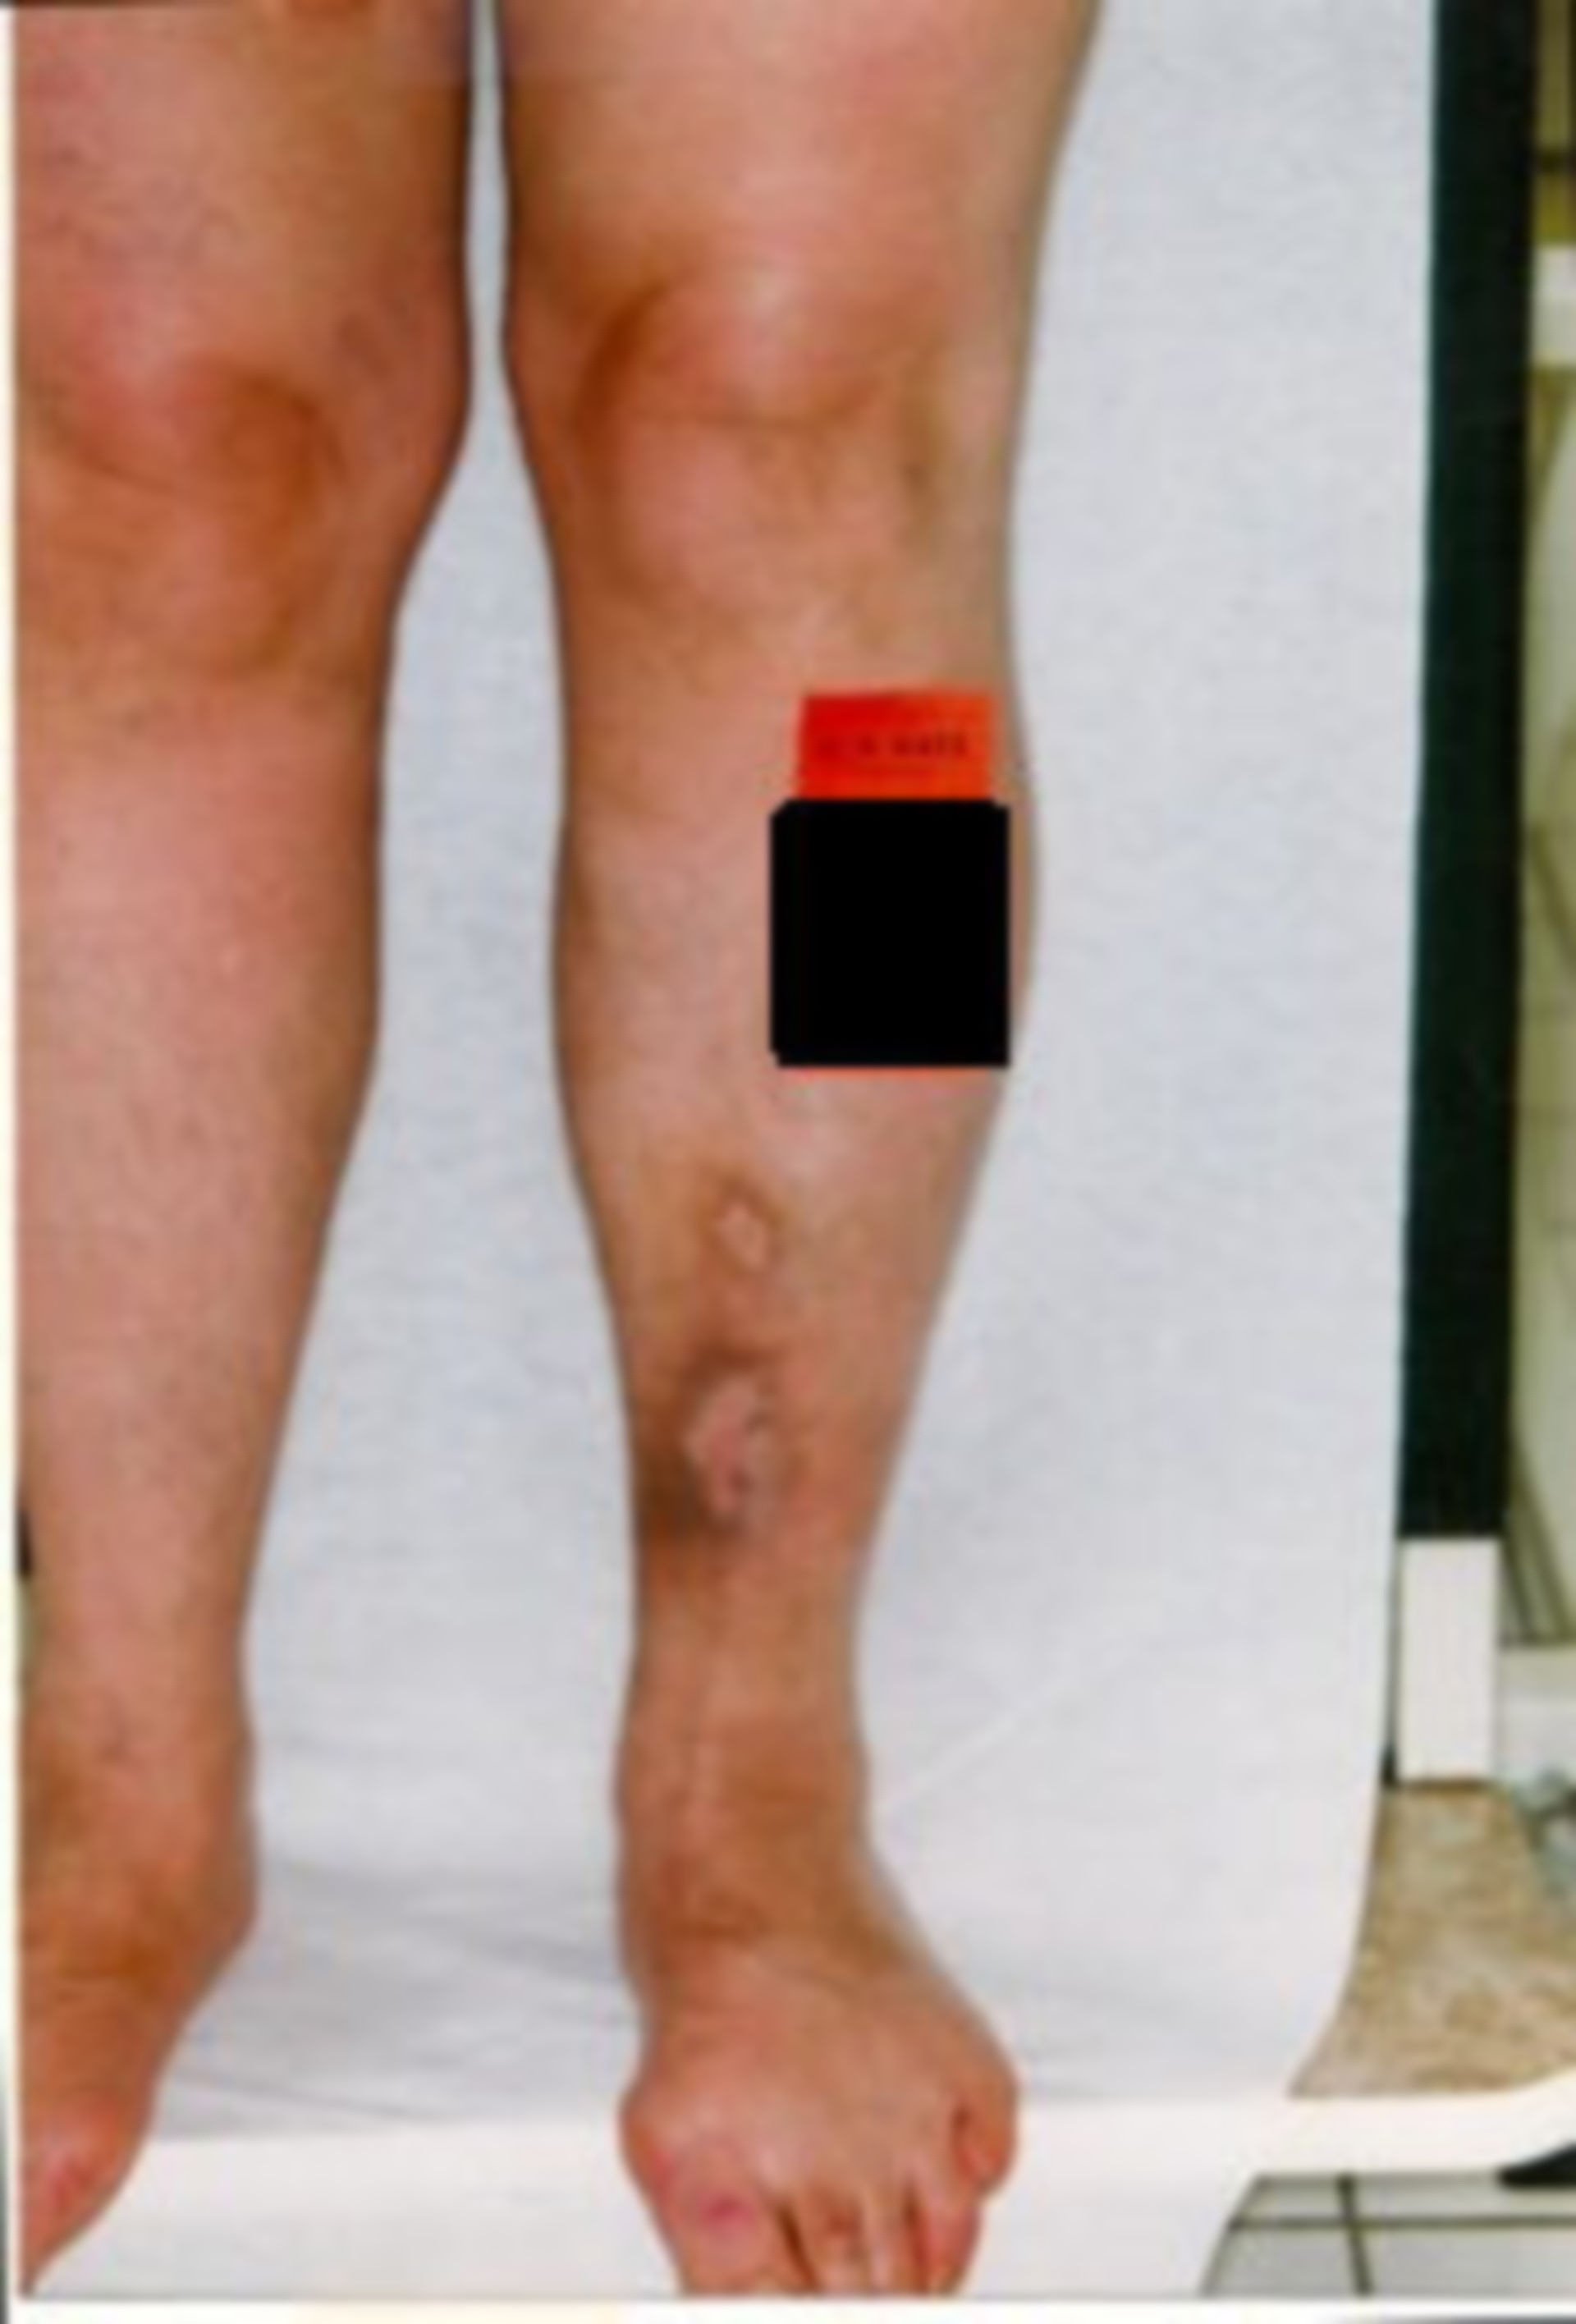 Herida abierta por 15 años (2) - resultado de las curaciónes